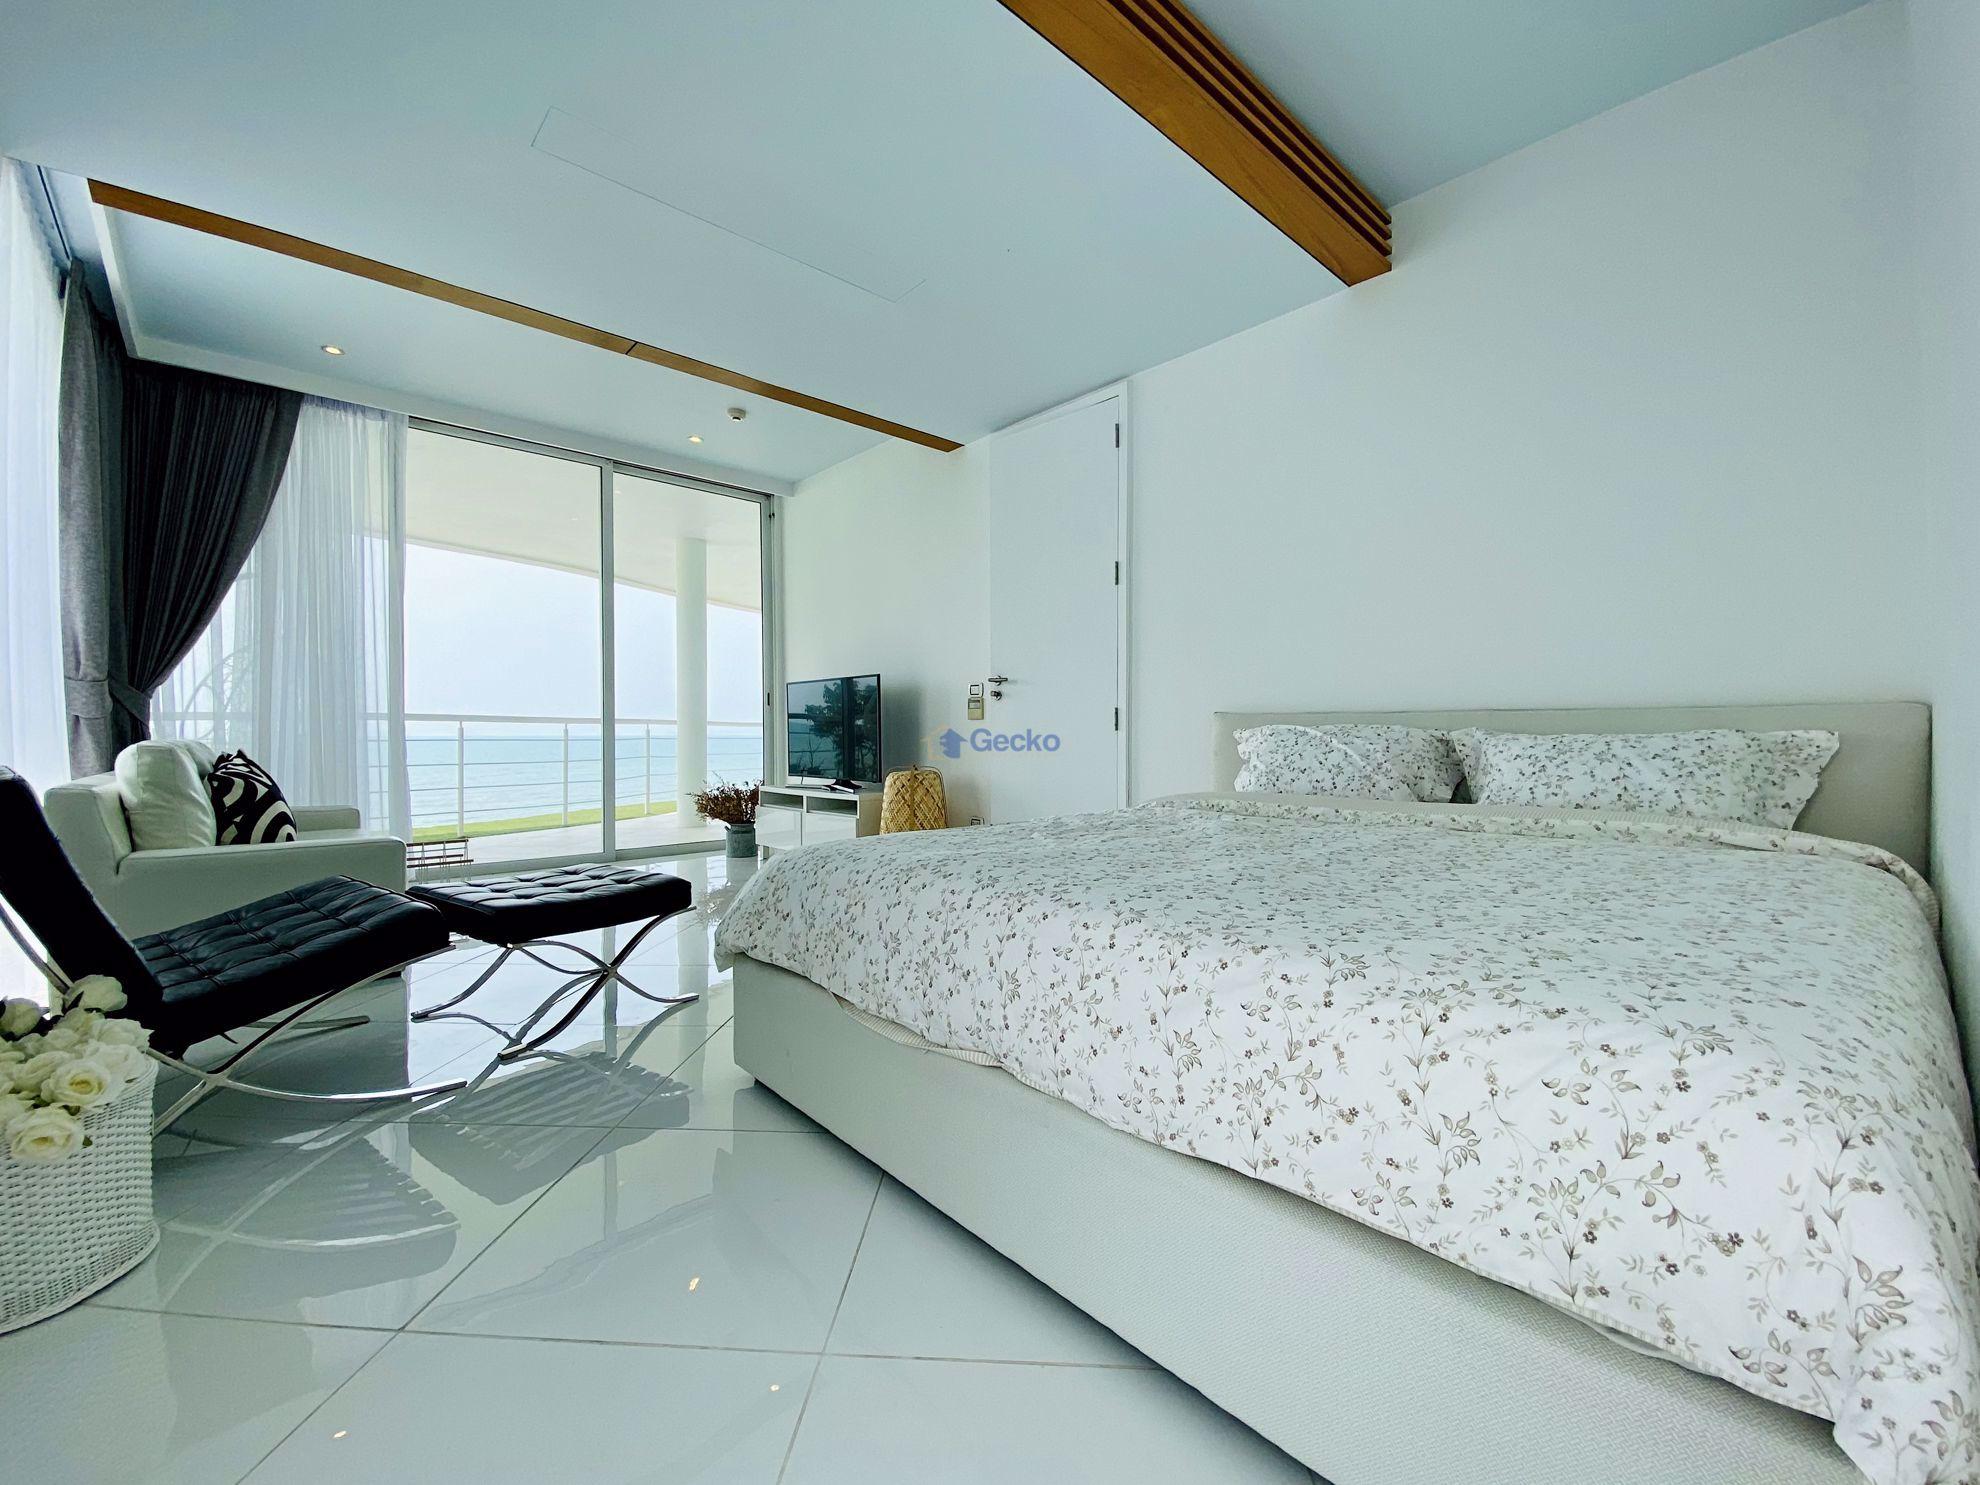 รูปภาพ 2 Bedrooms bed in Condo in Pure Na Jomtien in Na Jomtien C009149